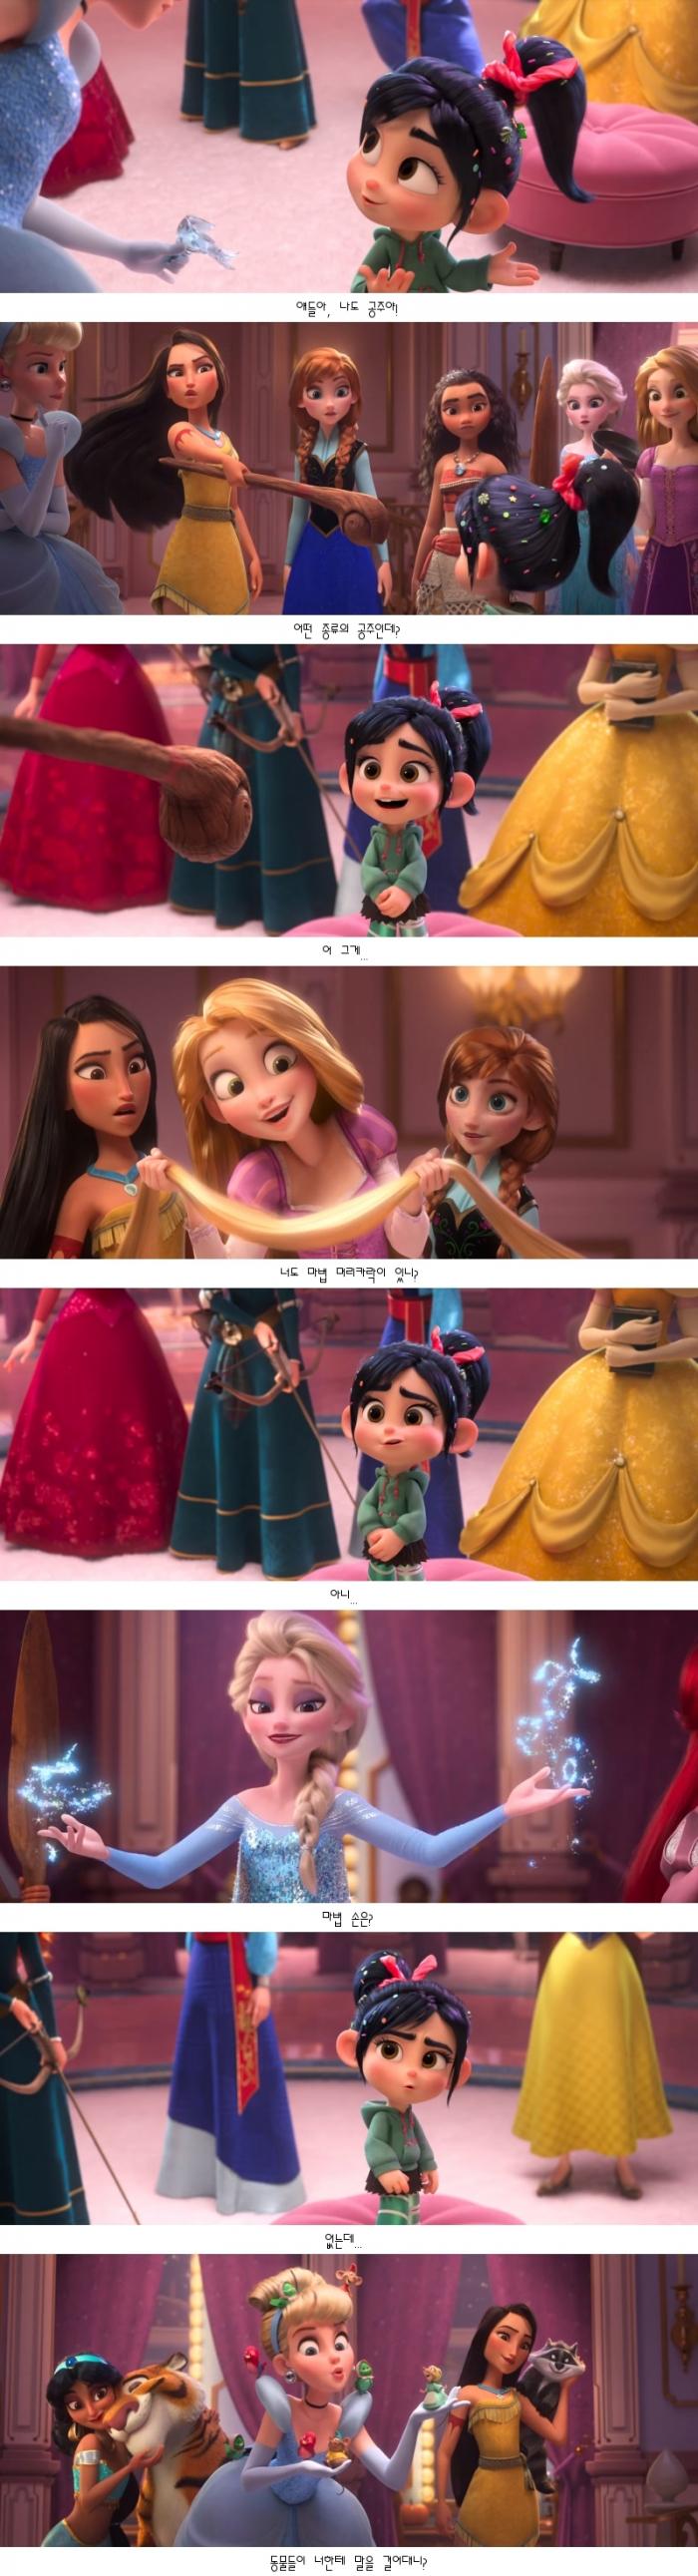 디즈니공주의 자격1.jpg